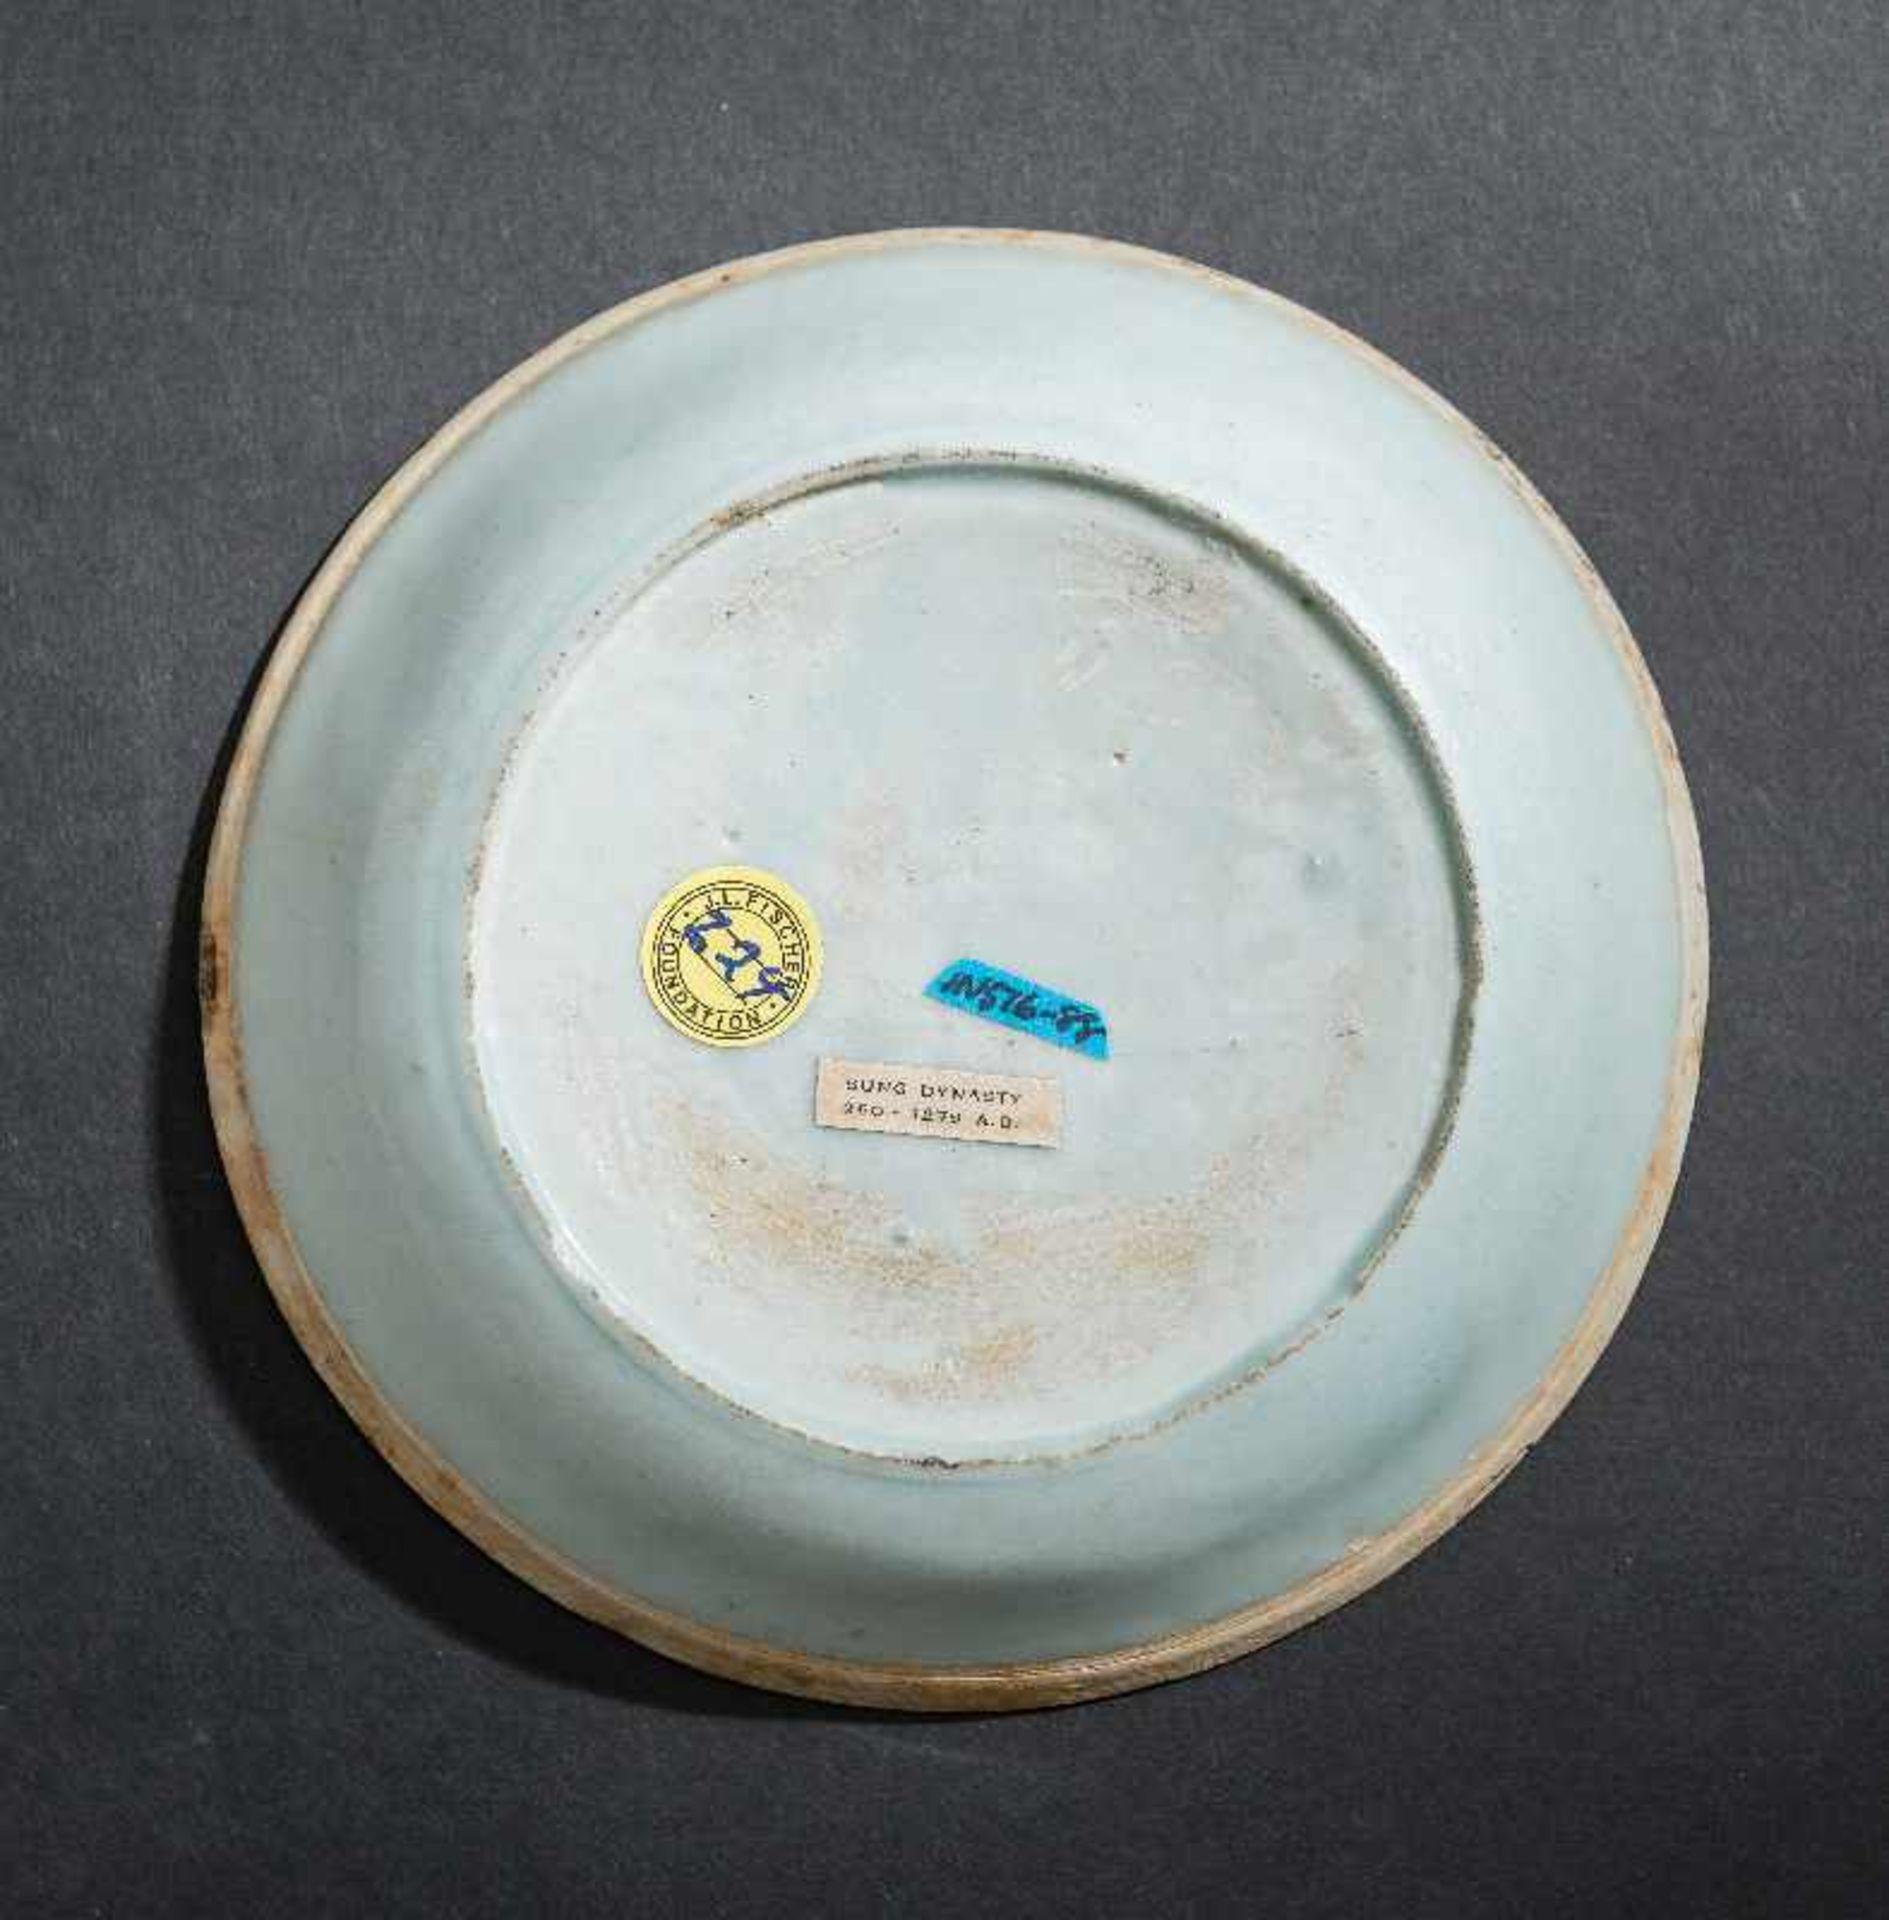 SCHÄLCHEN MIT FISCHENProtoporzellan. China, Song-Dynastie, ca. 10 – 12. Jh. Dieses dünnwandinge - Image 3 of 5